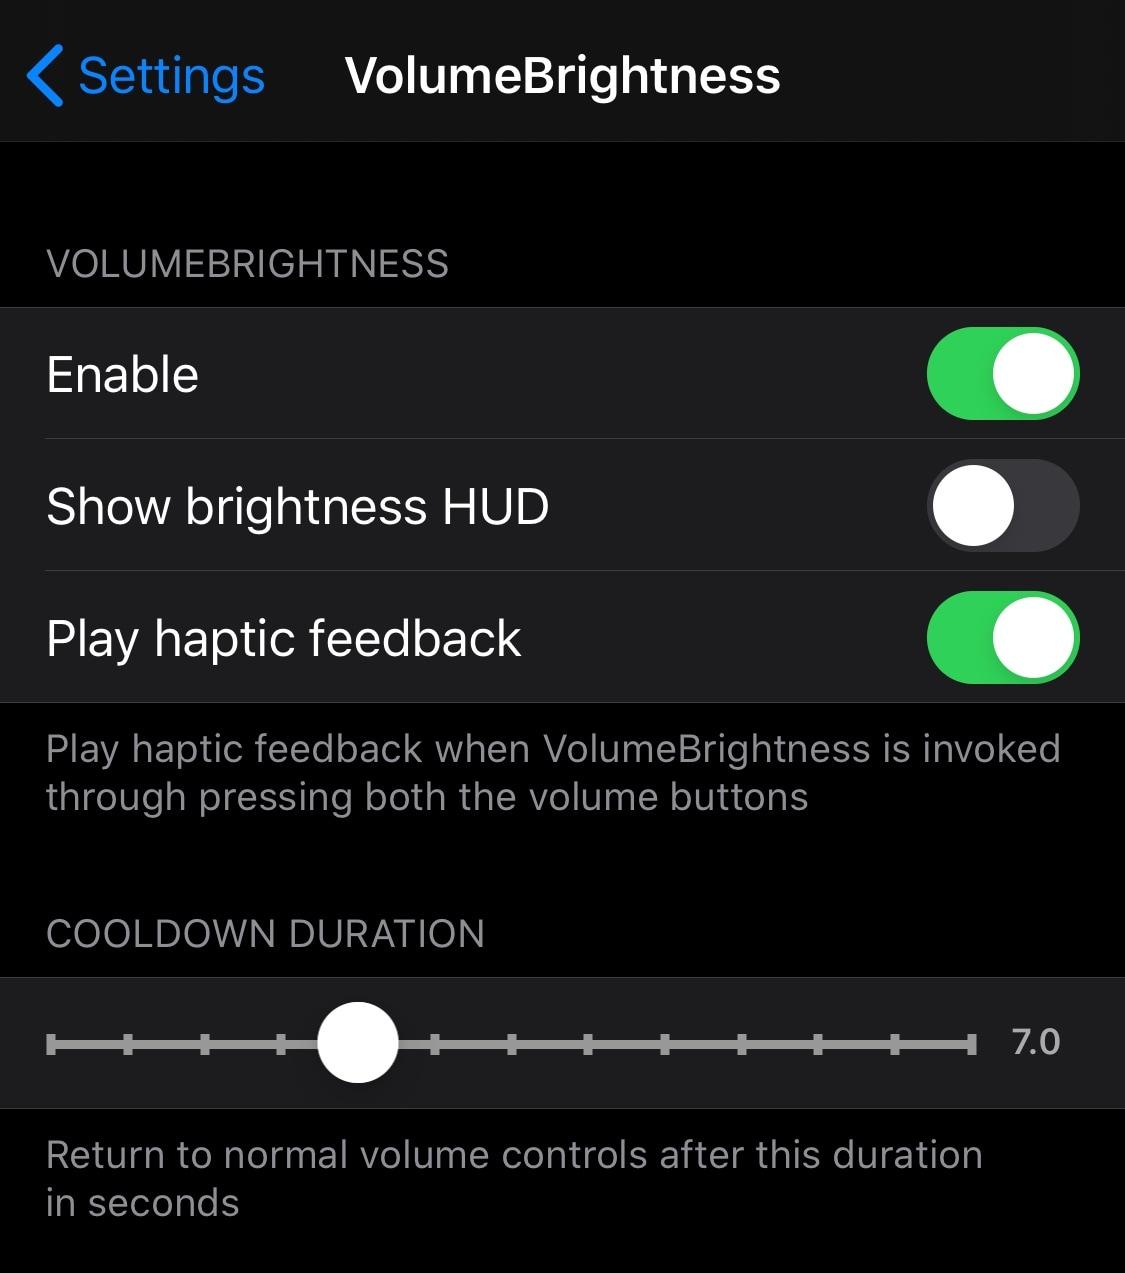 Tinh chỉnh này giúp điều chỉnh độ sáng của iPhone thông qua các nút âm lượng 2